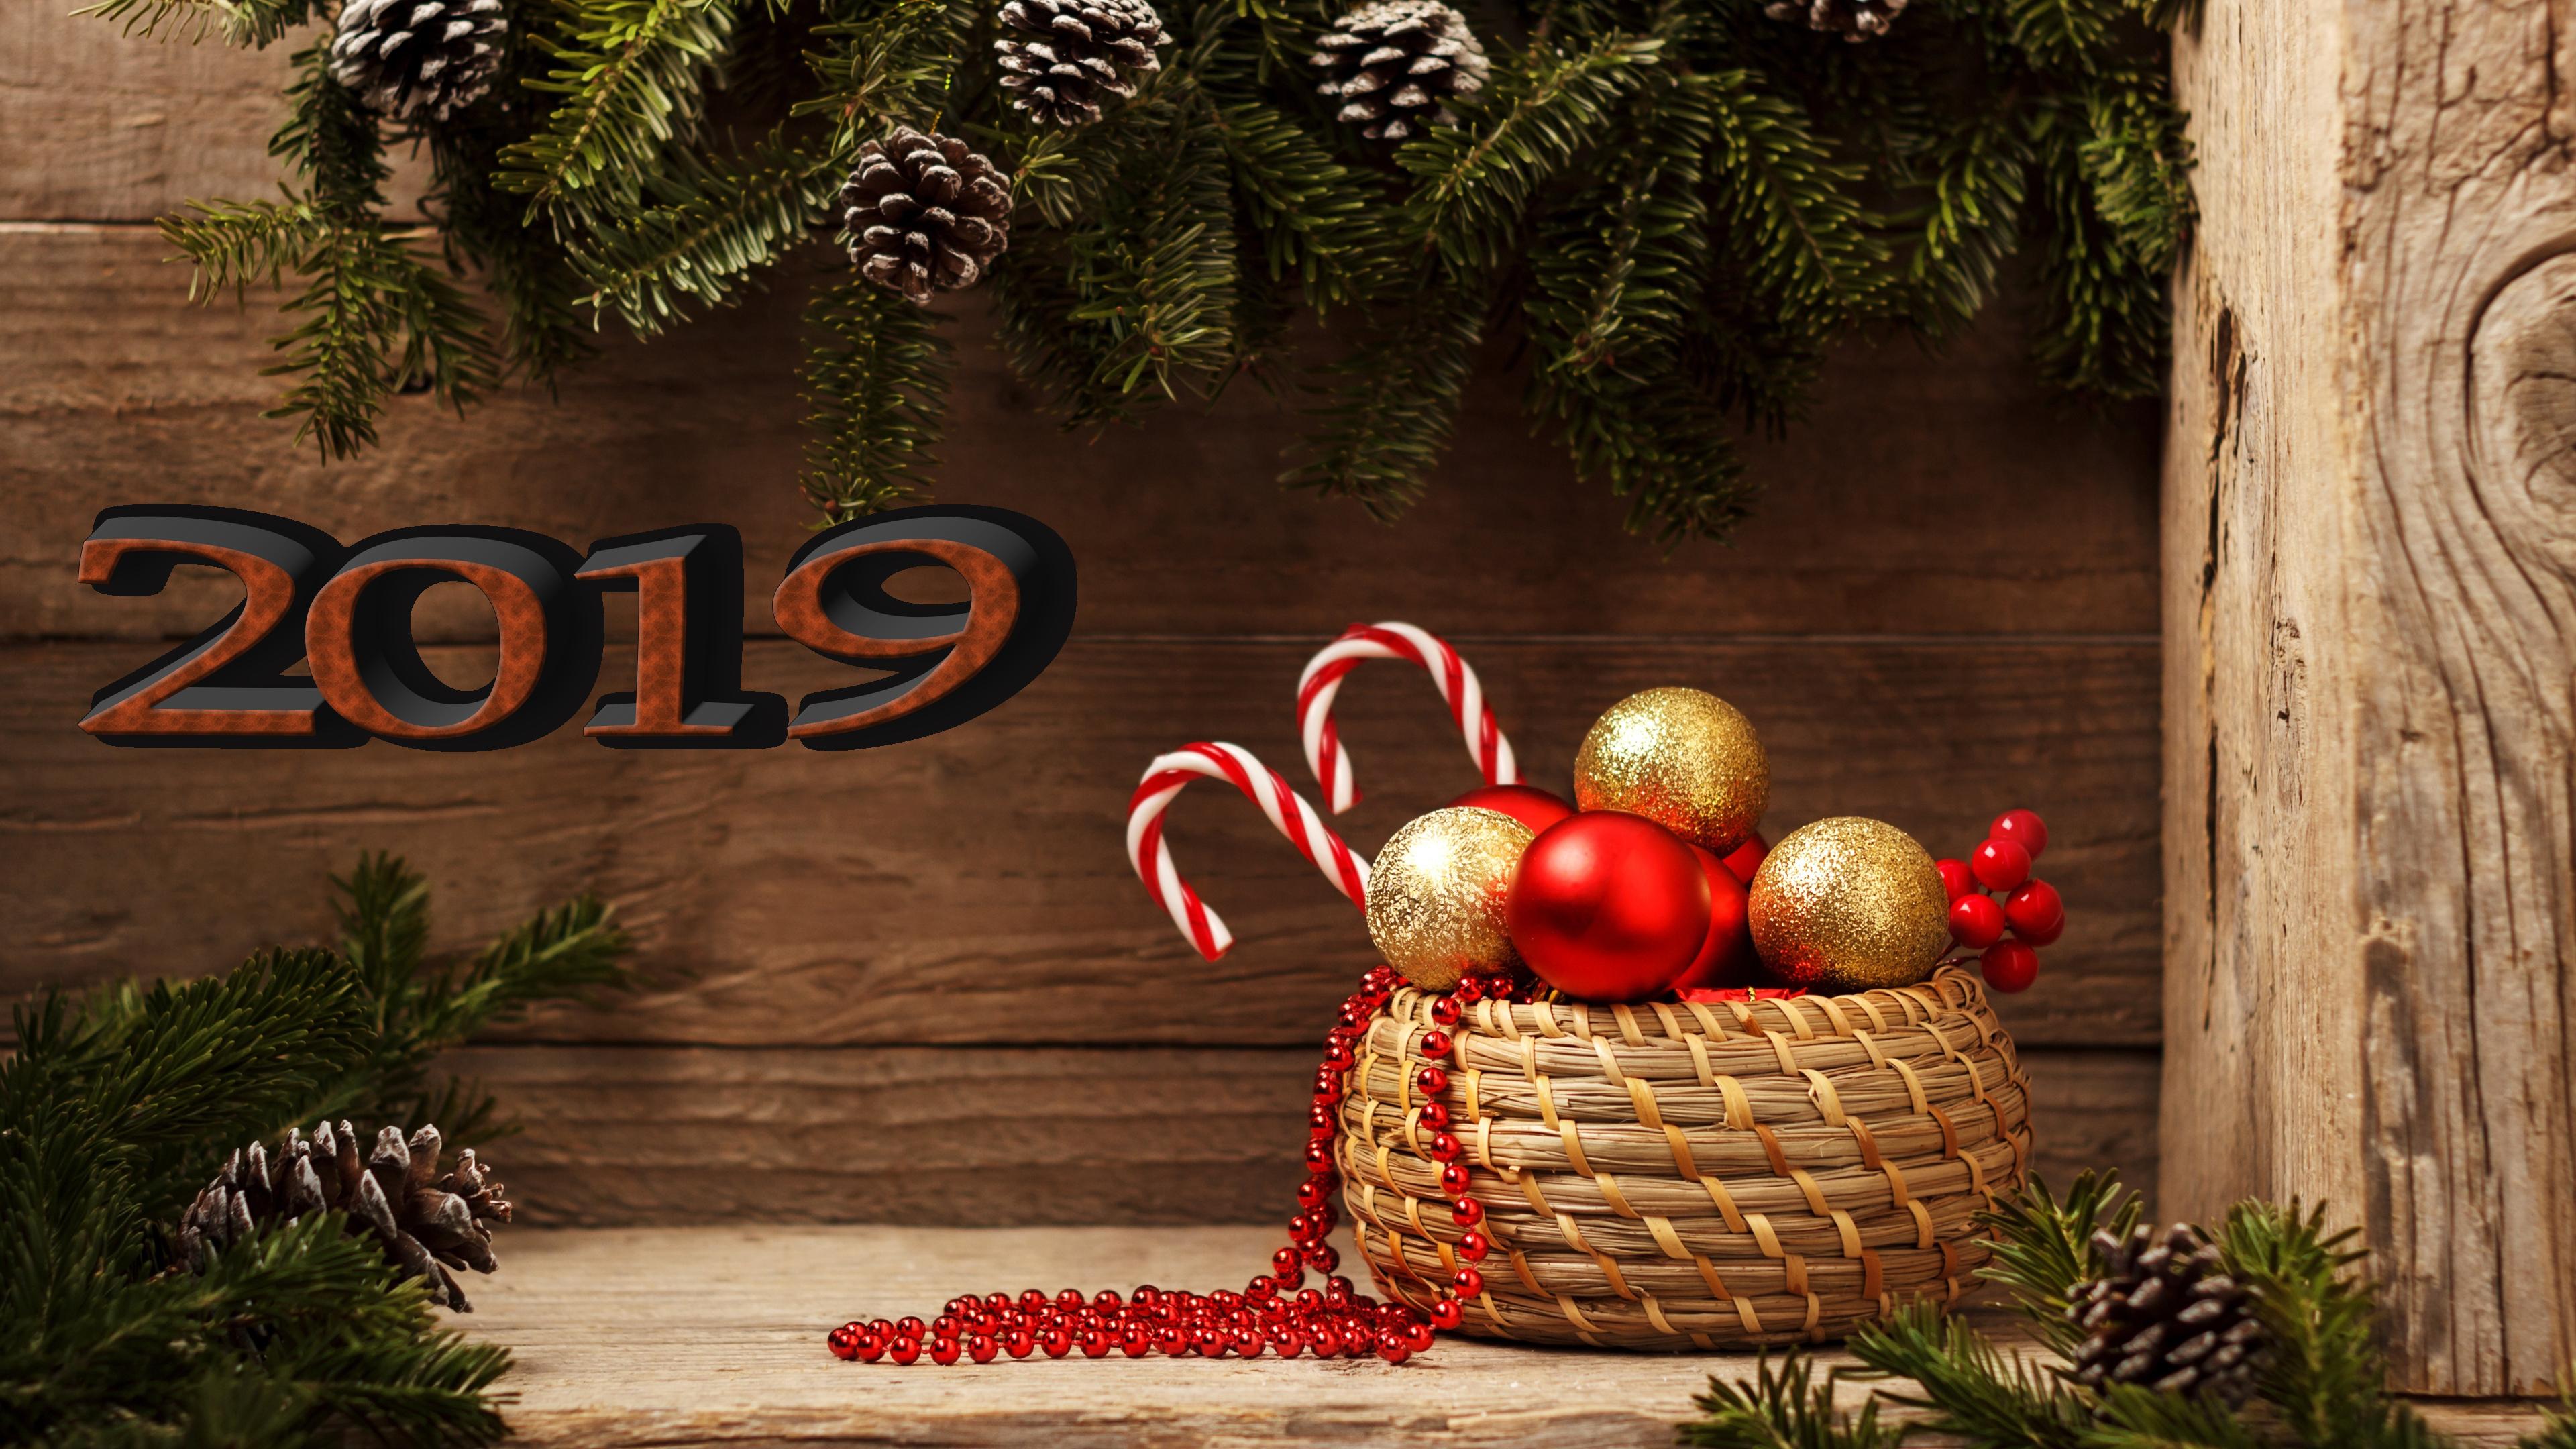 Новогодние обои 2019 №2_009.jpg